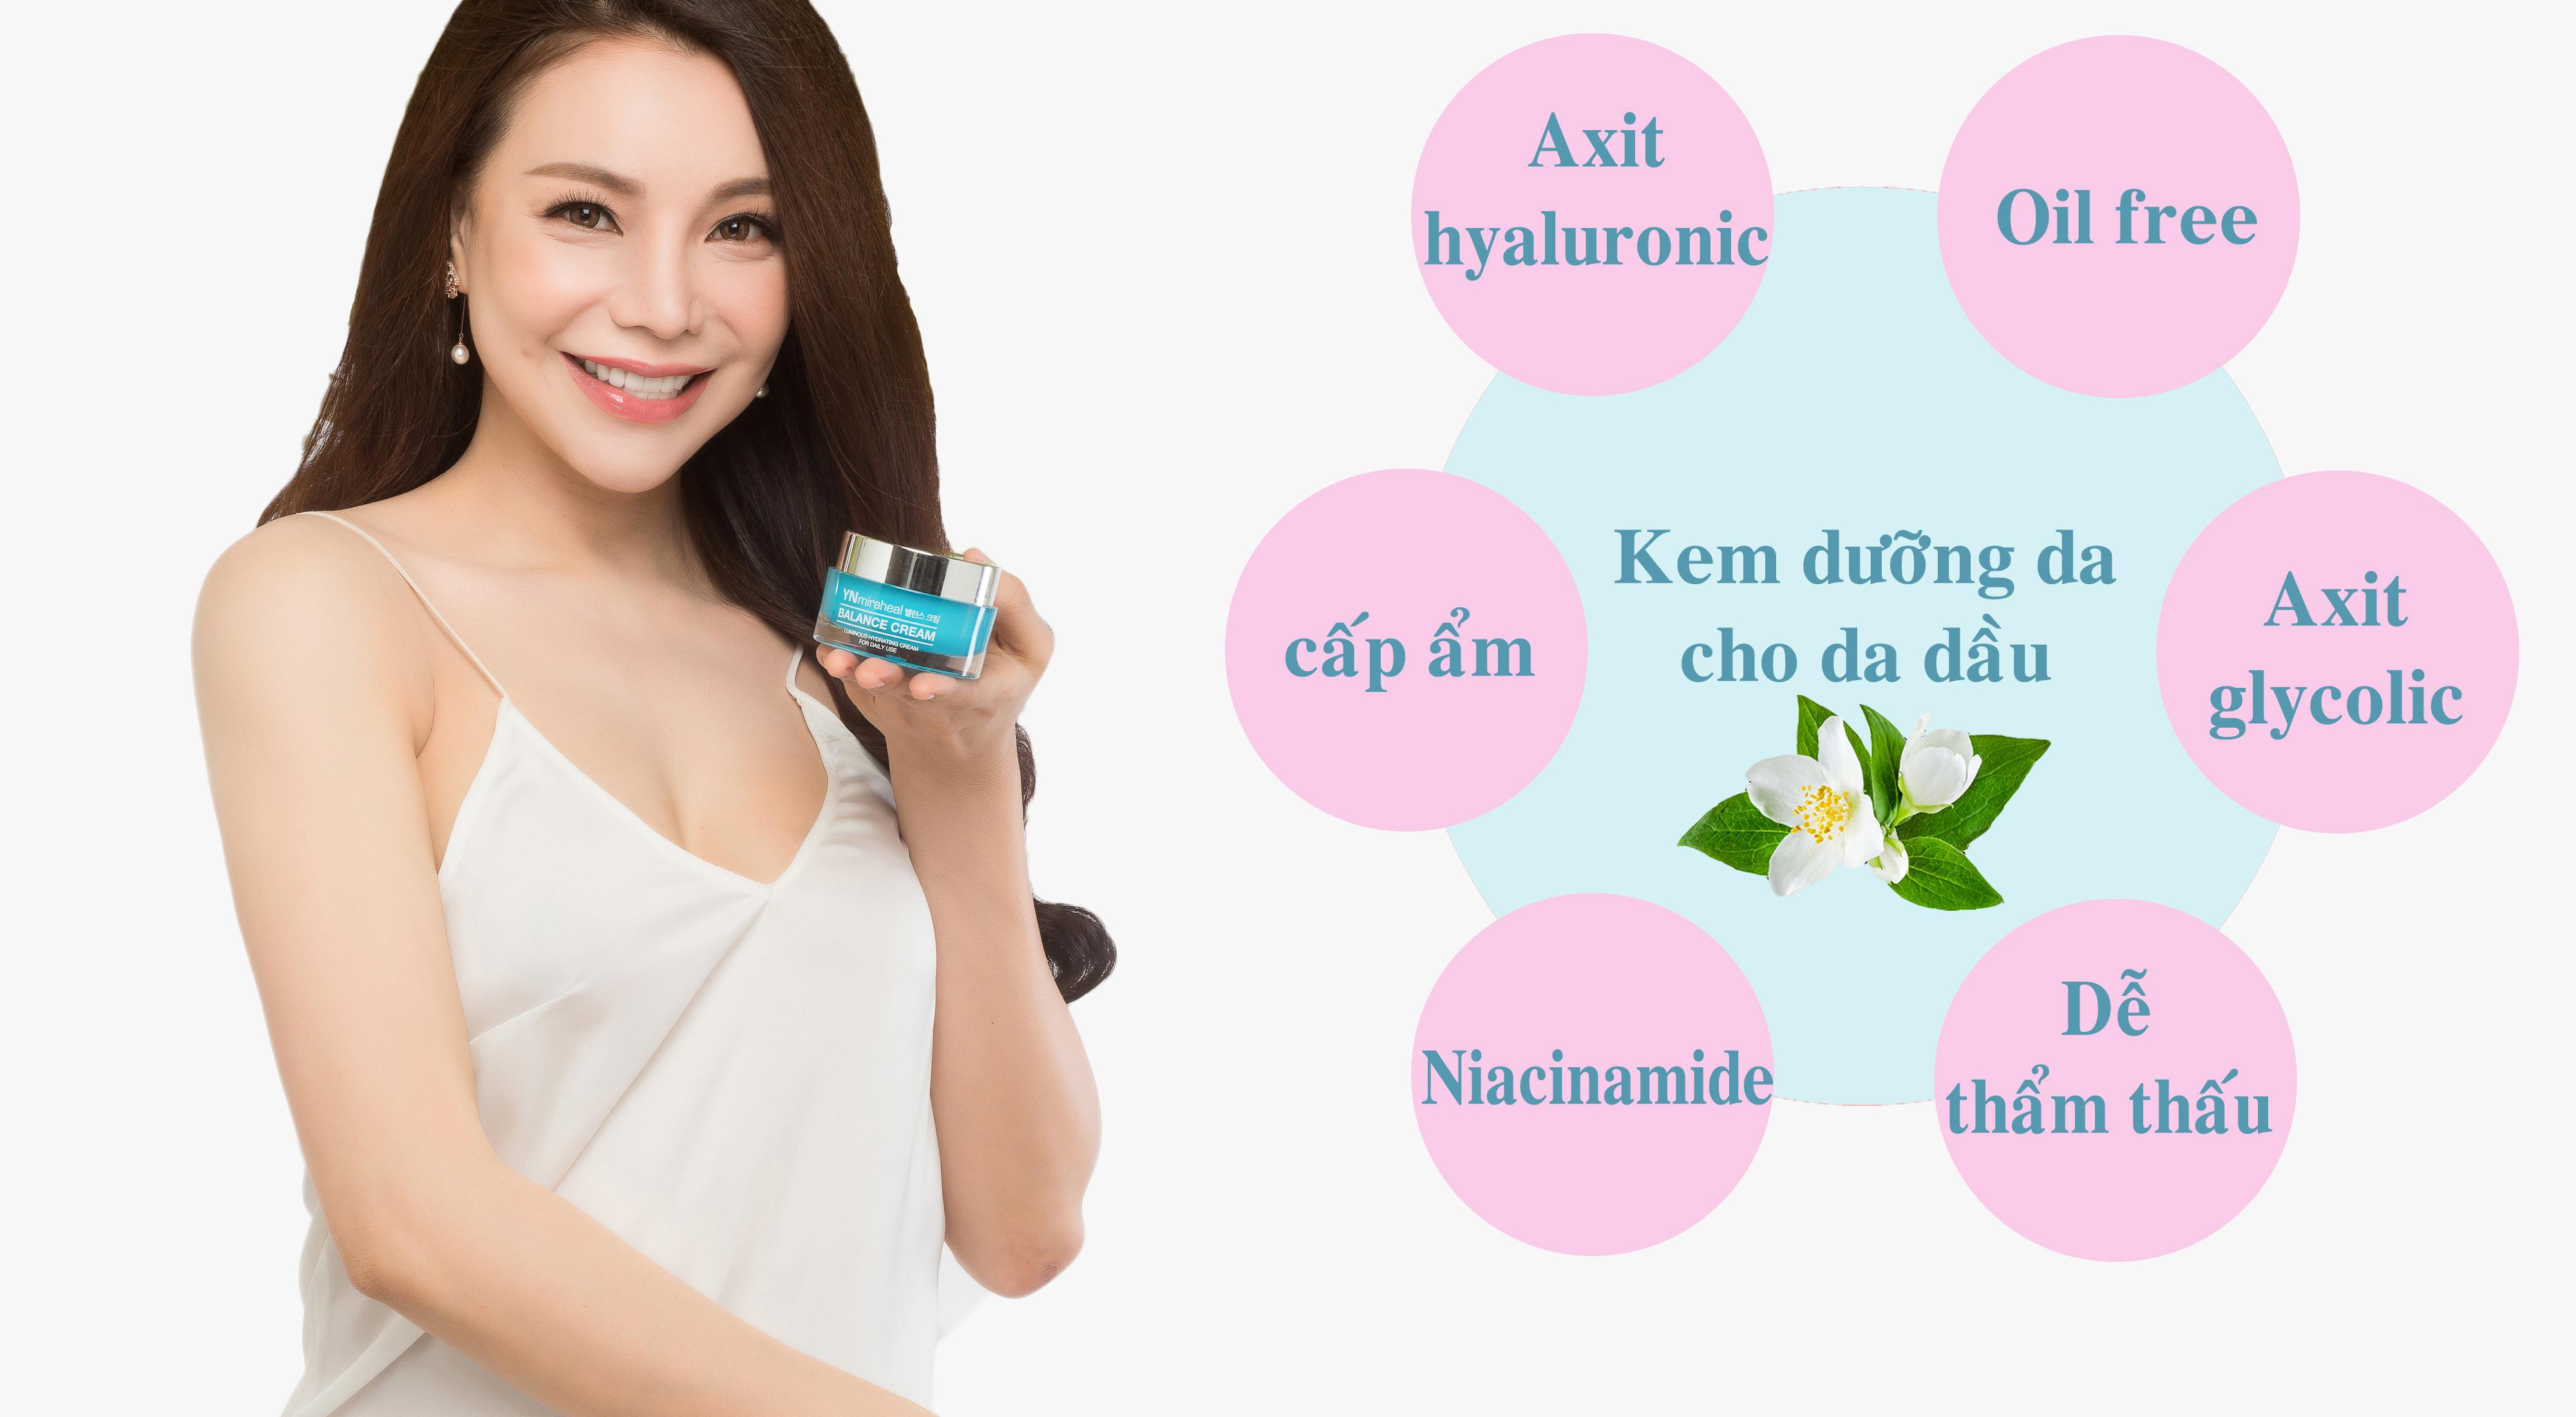 Cách lựa chọn kem dưỡng da cho da dầu